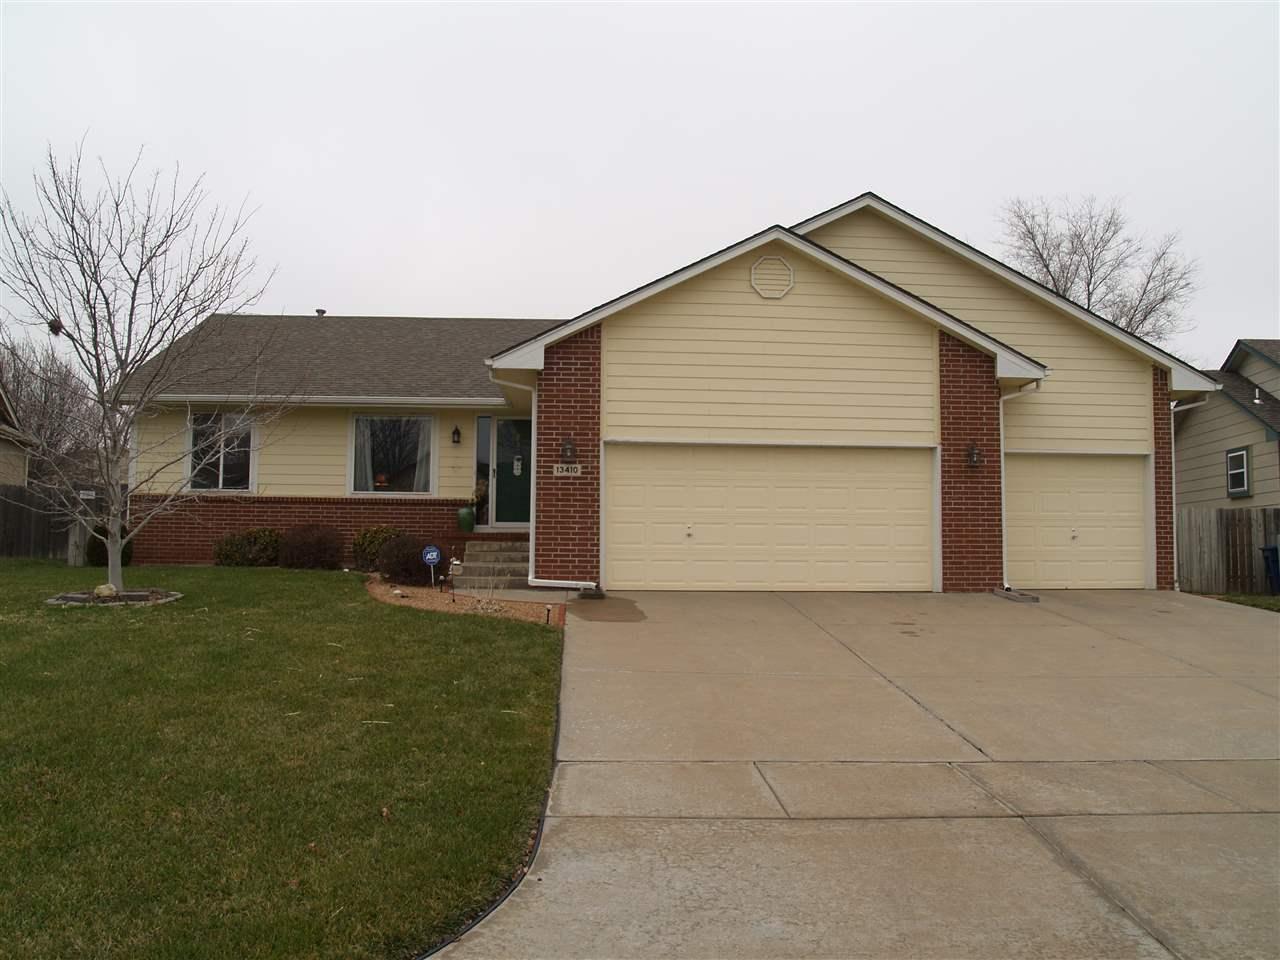 13410 W BURTON ST, Wichita, KS 67235